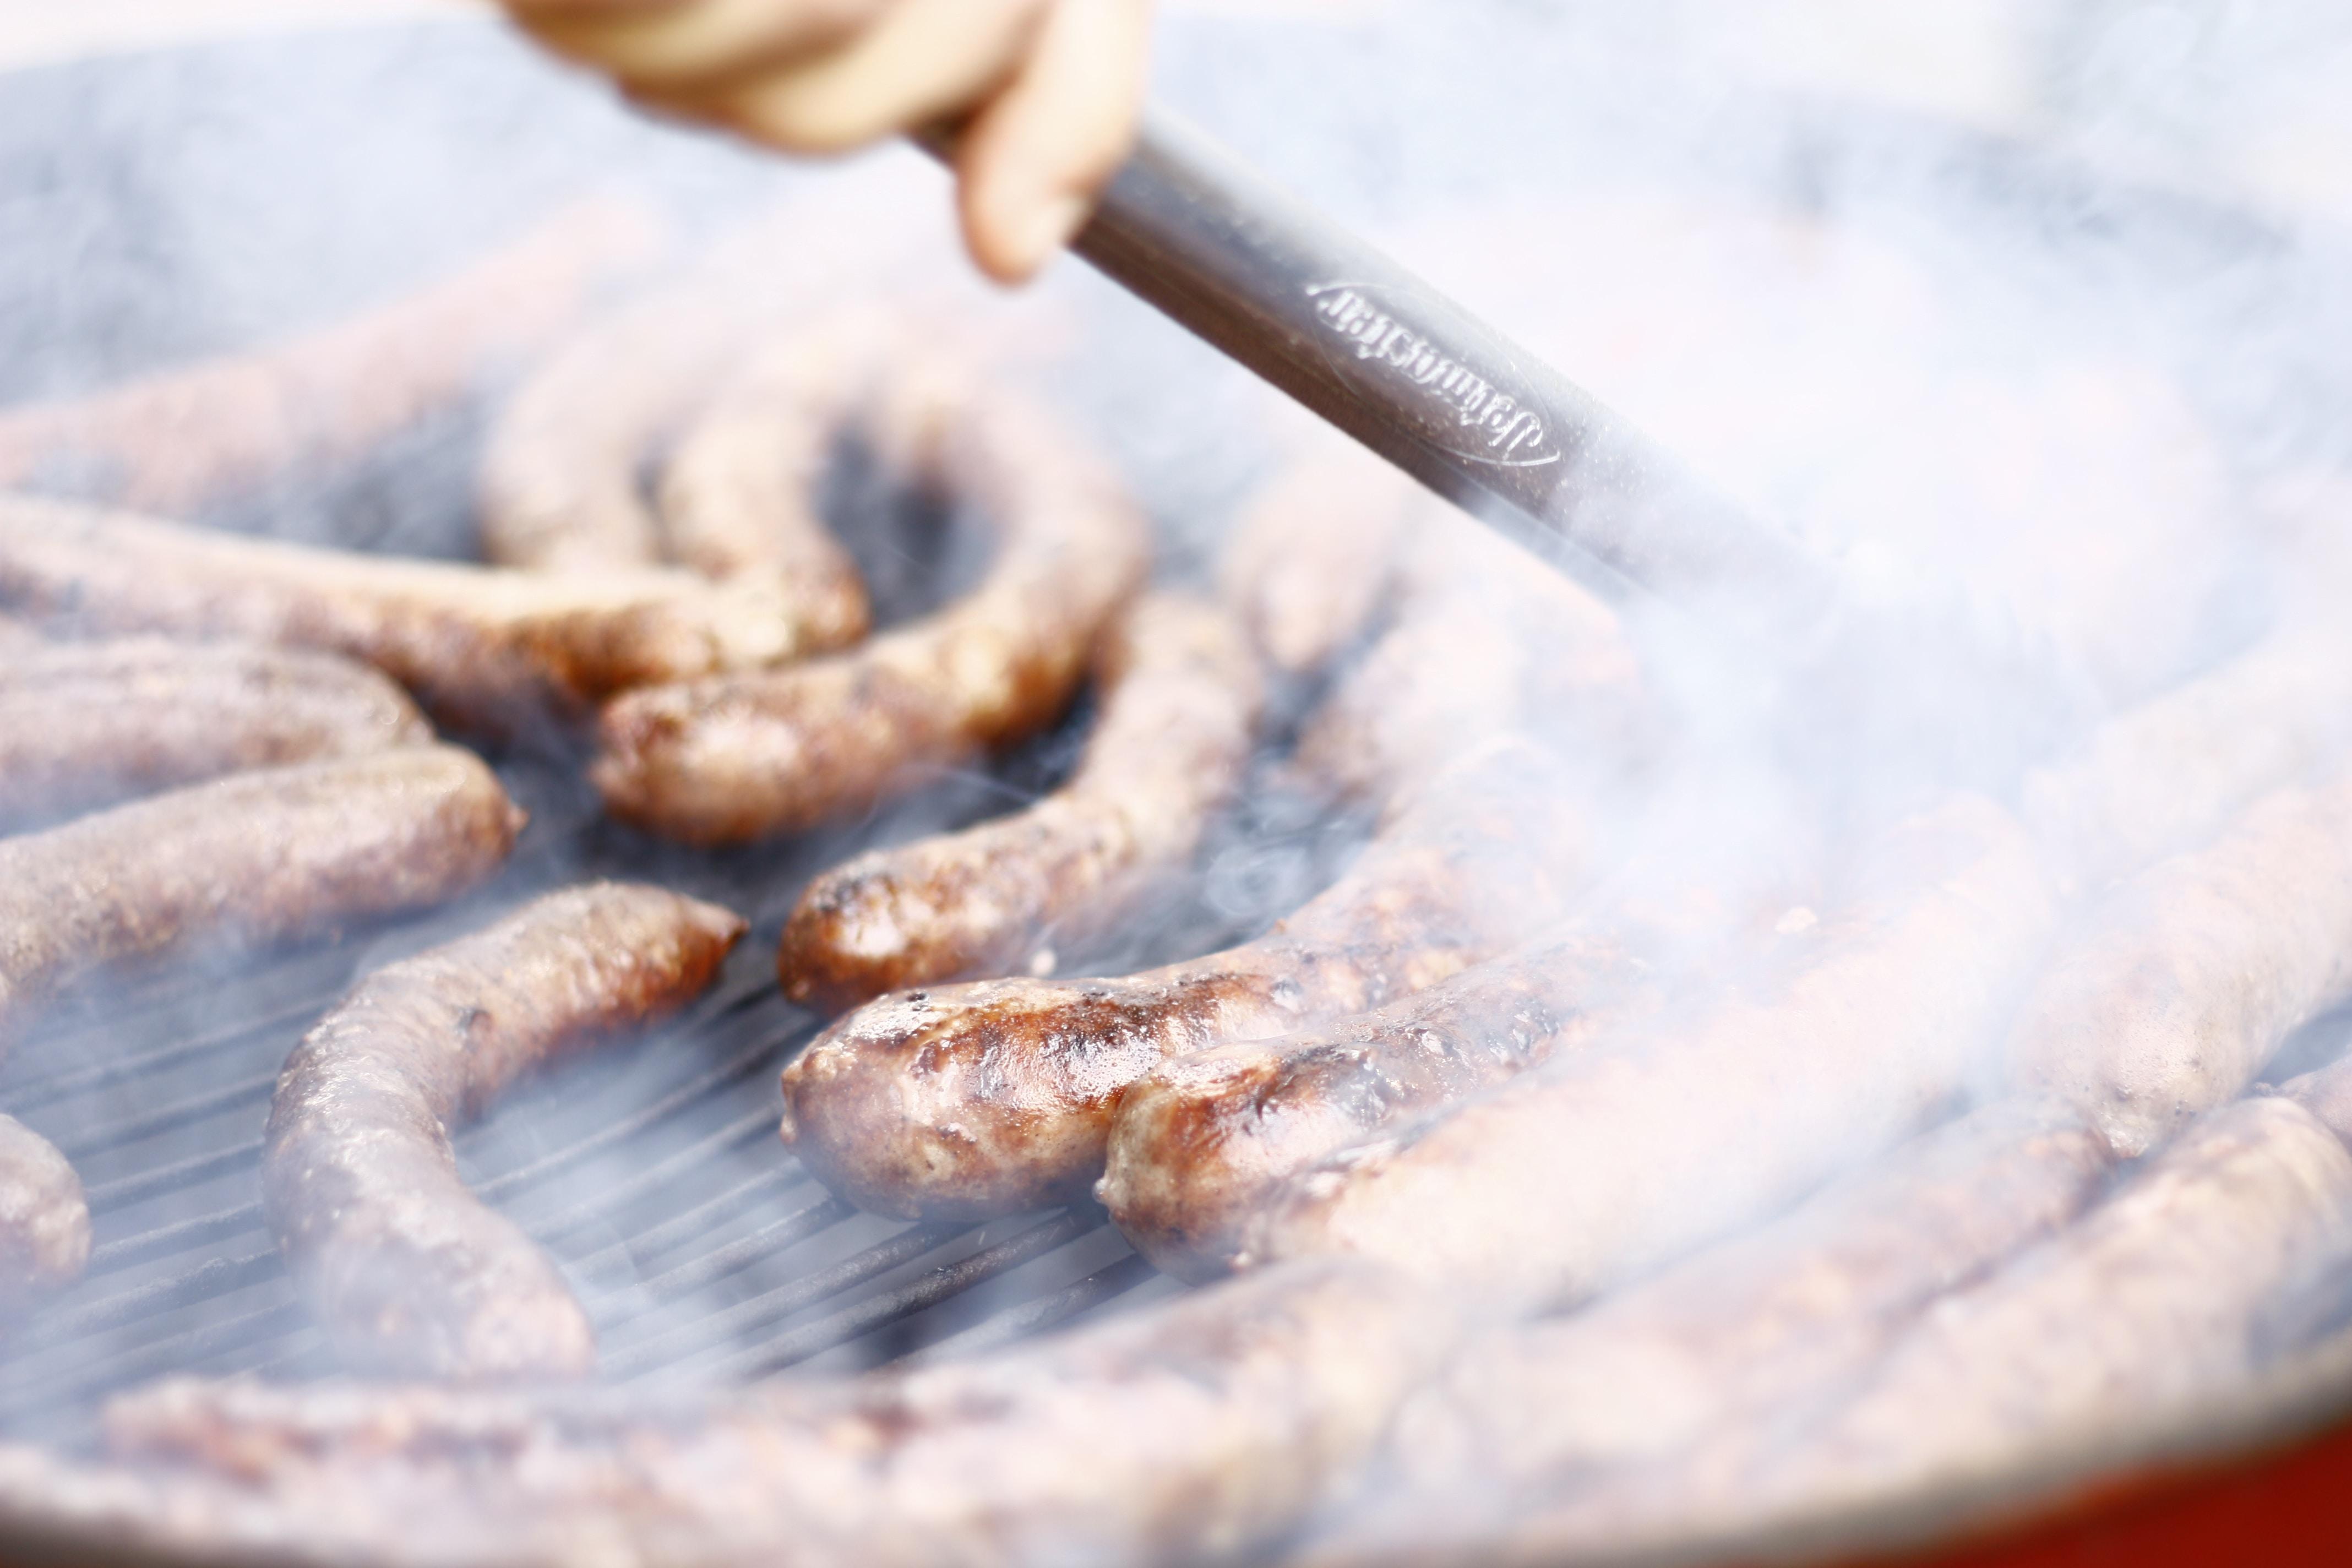 grilling sausage during daytime